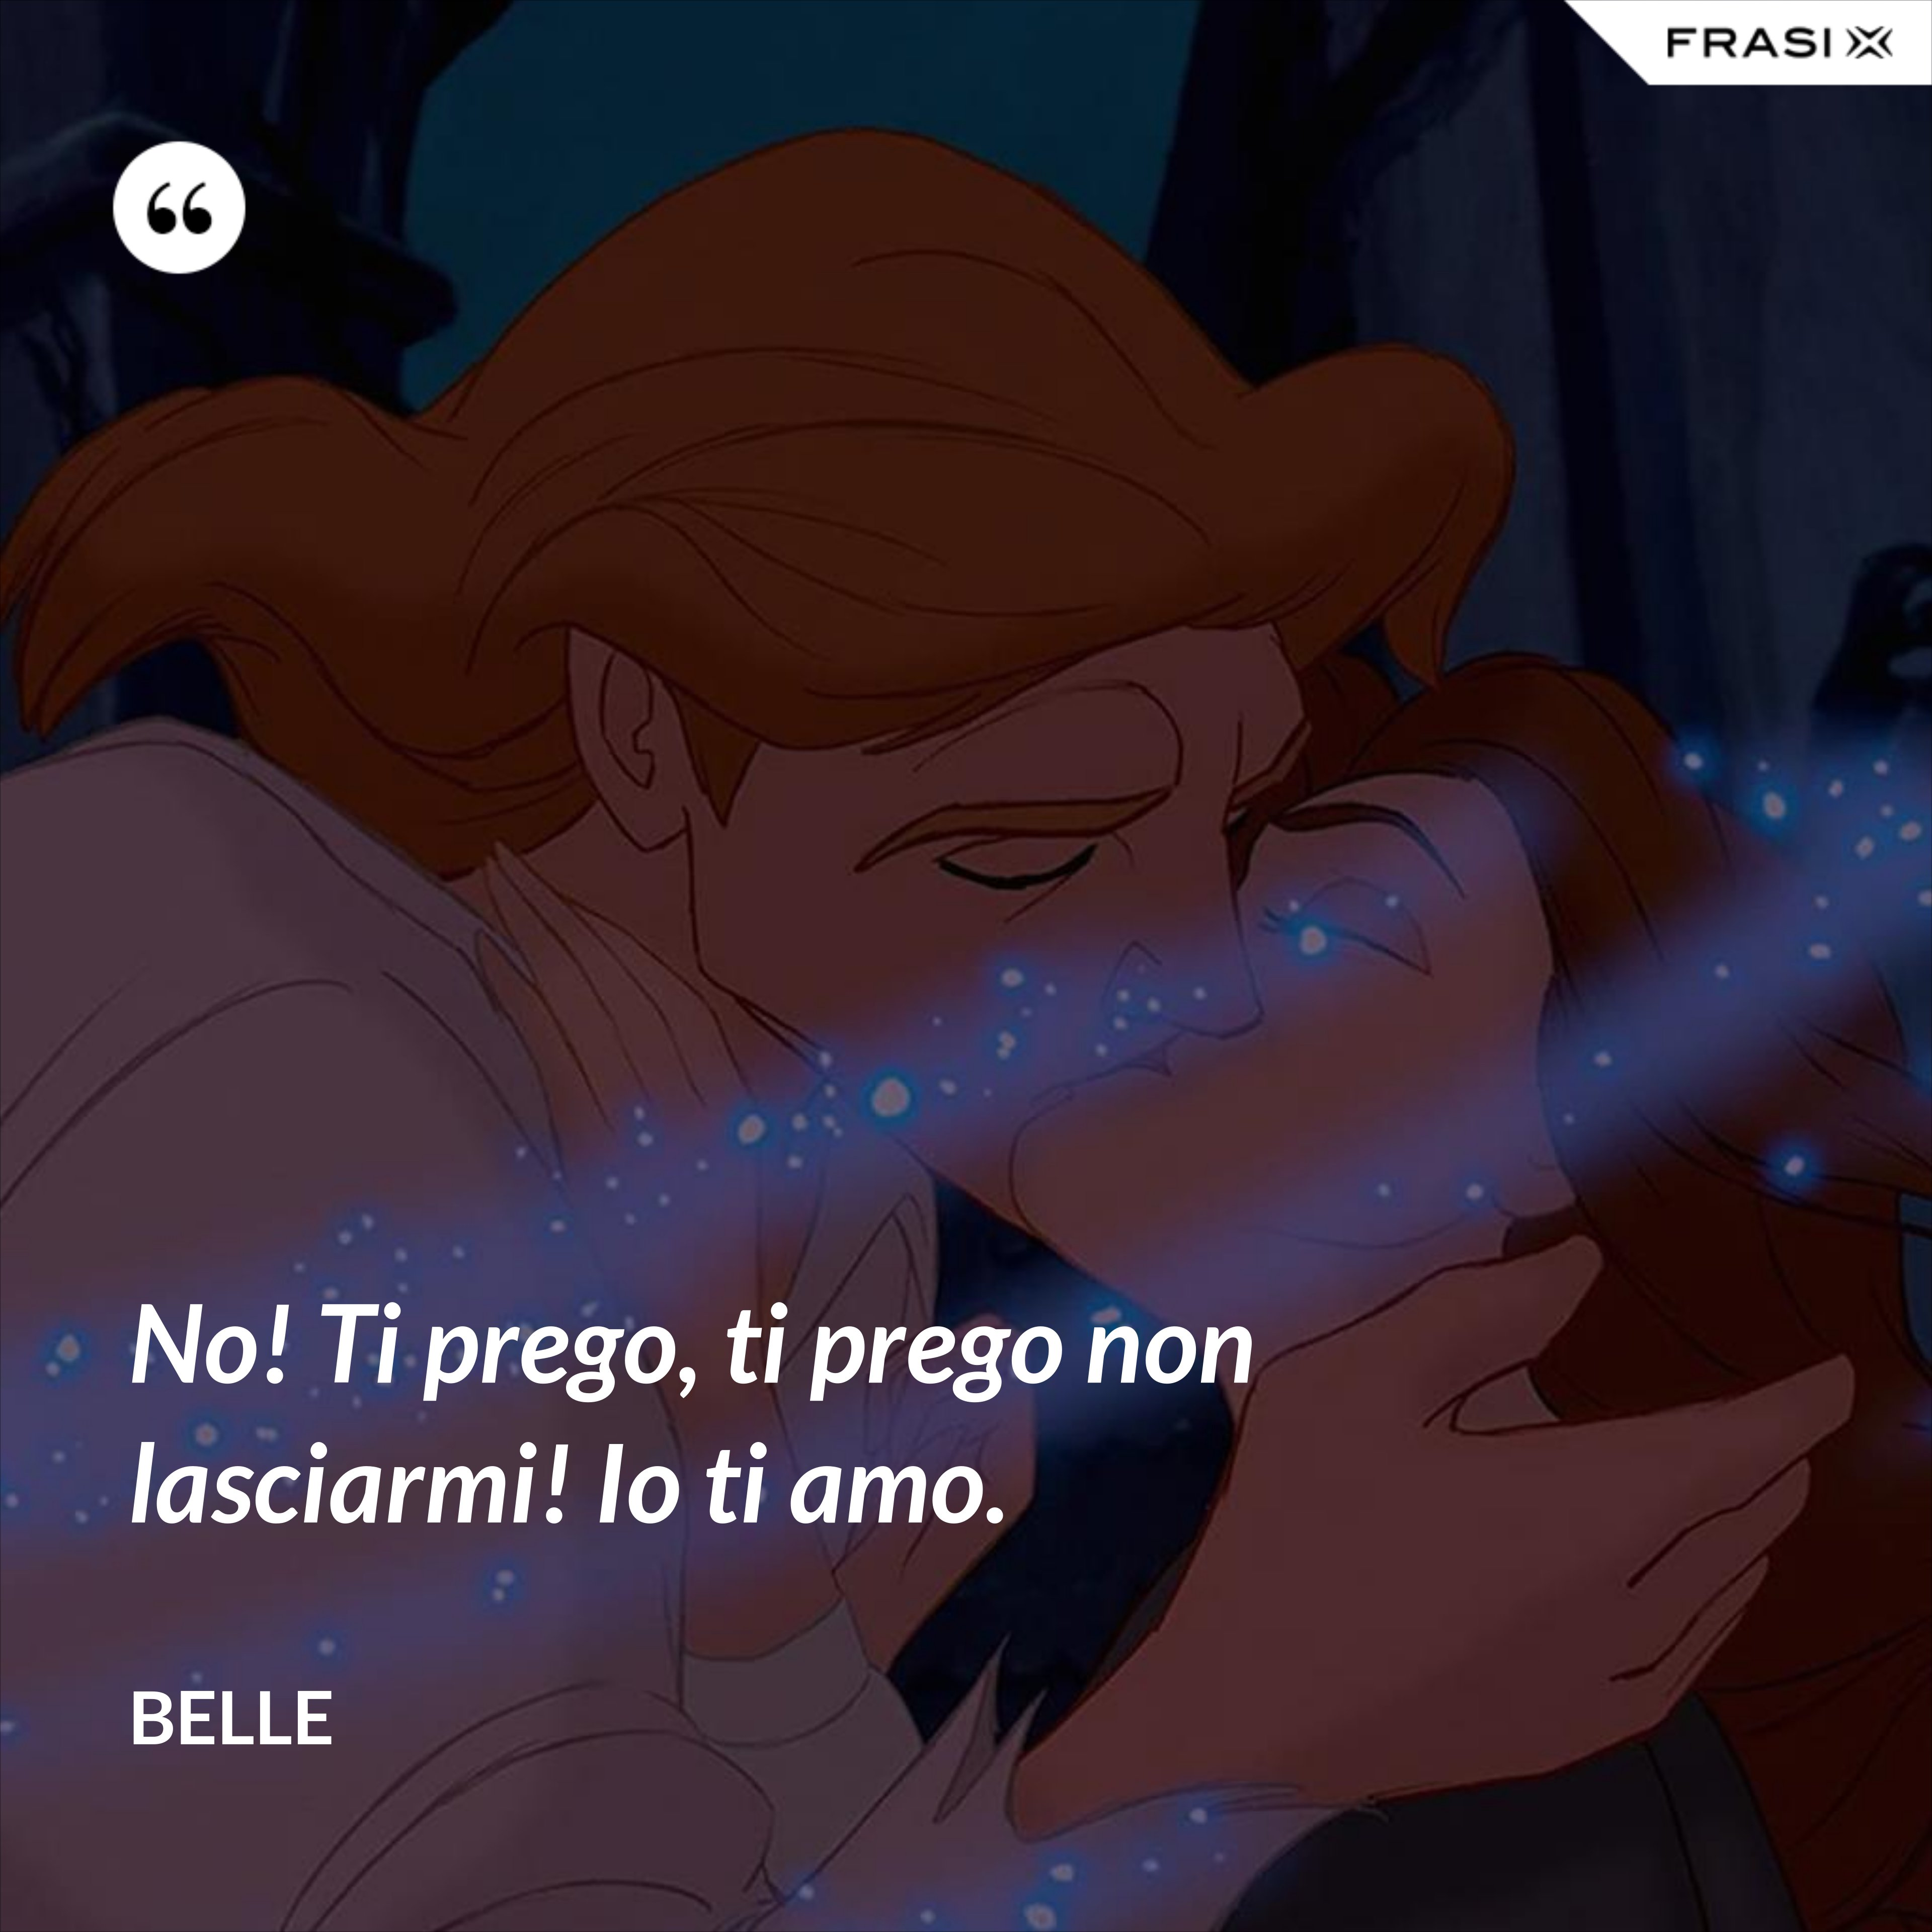 No! Ti prego, ti prego non lasciarmi! Io ti amo. - Belle